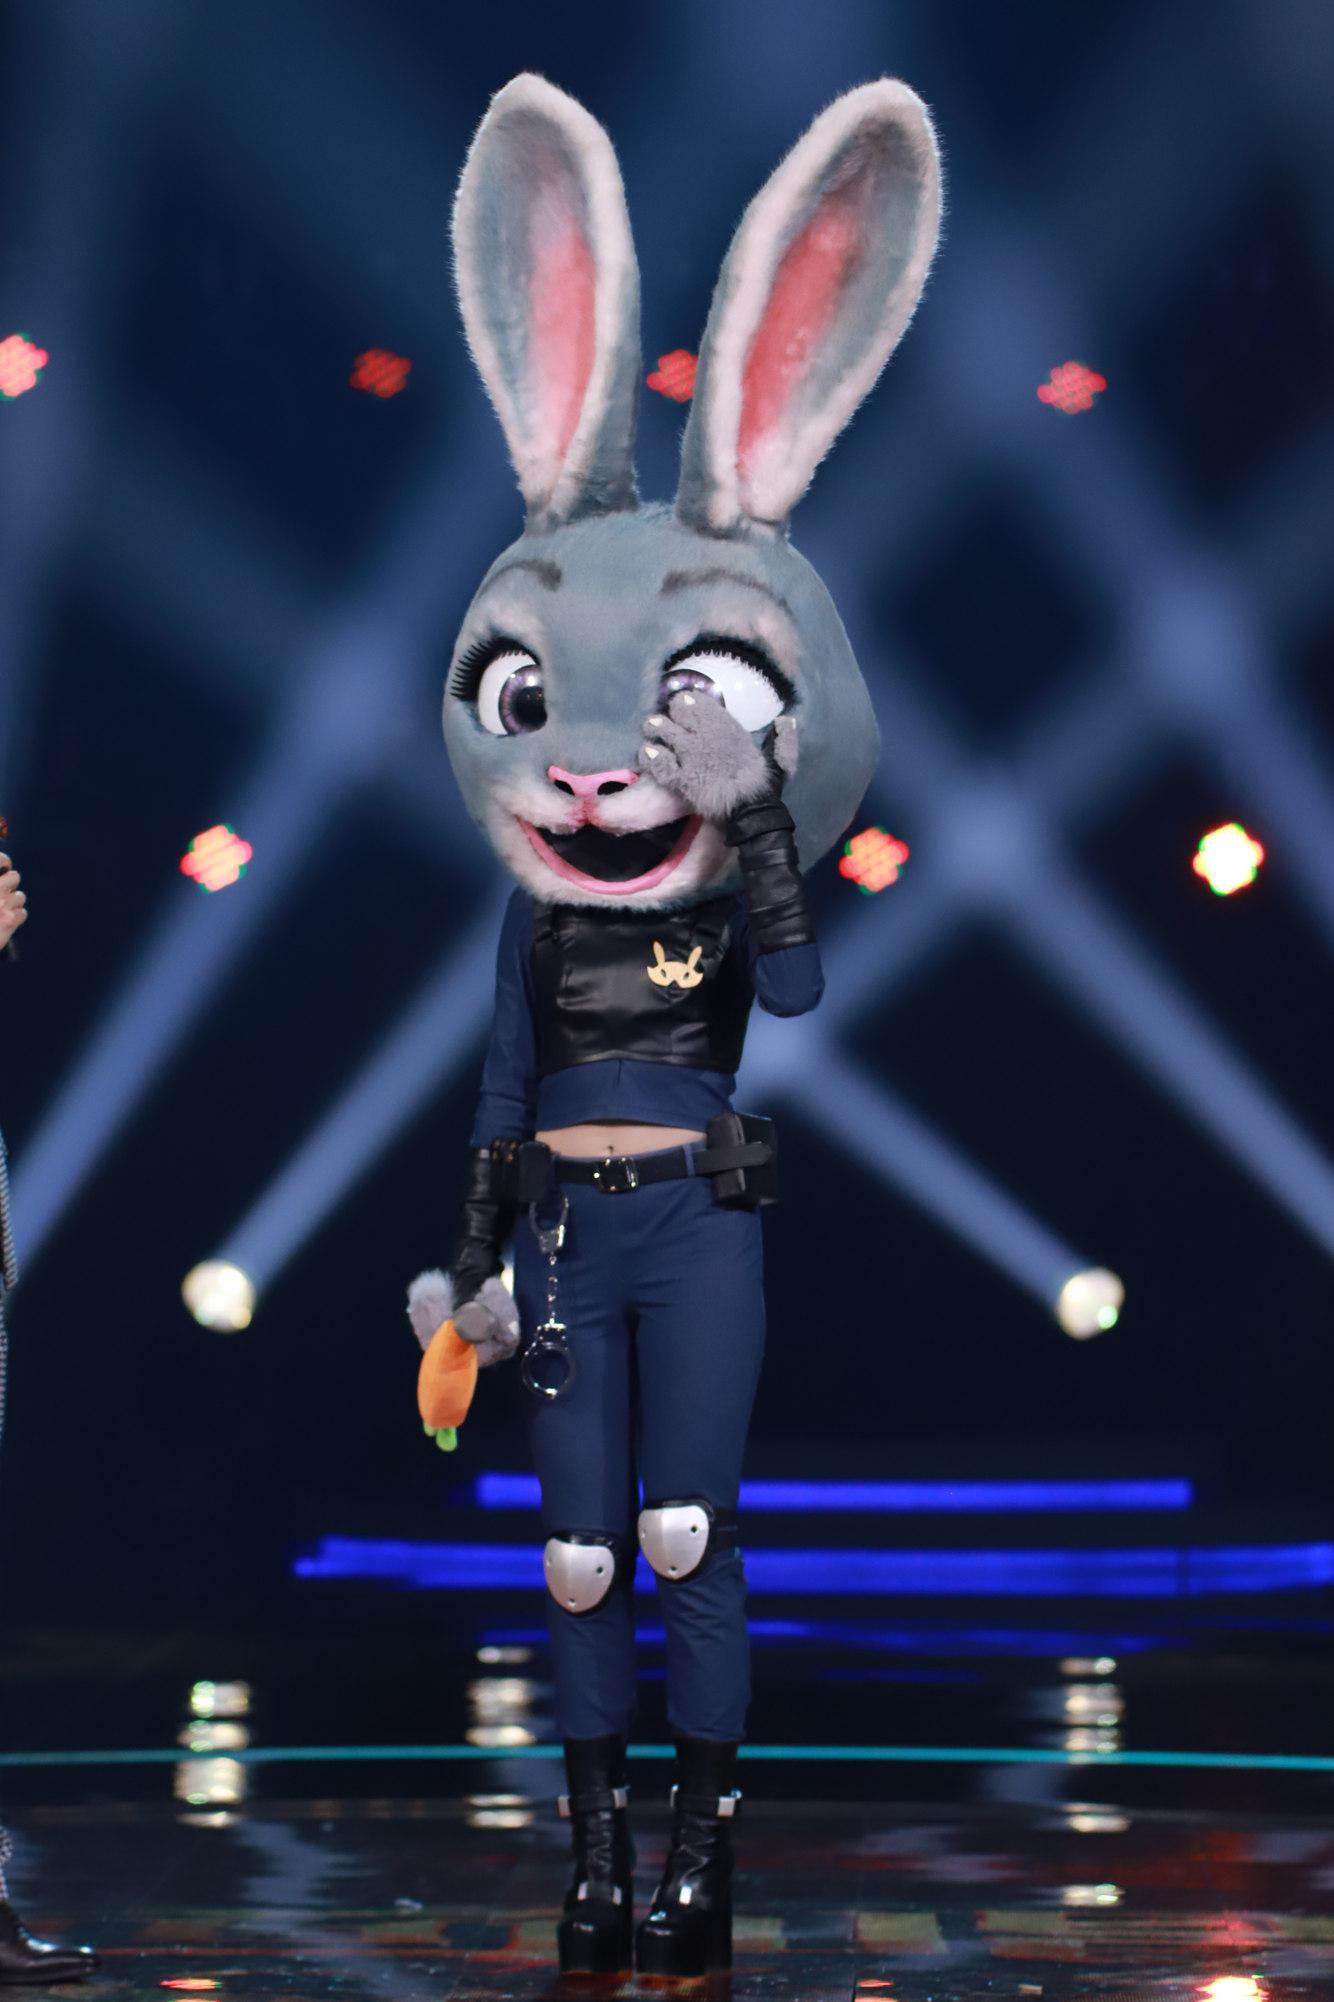 兔警官疑似吉克隽逸 唱《到不了》哭到中断录制